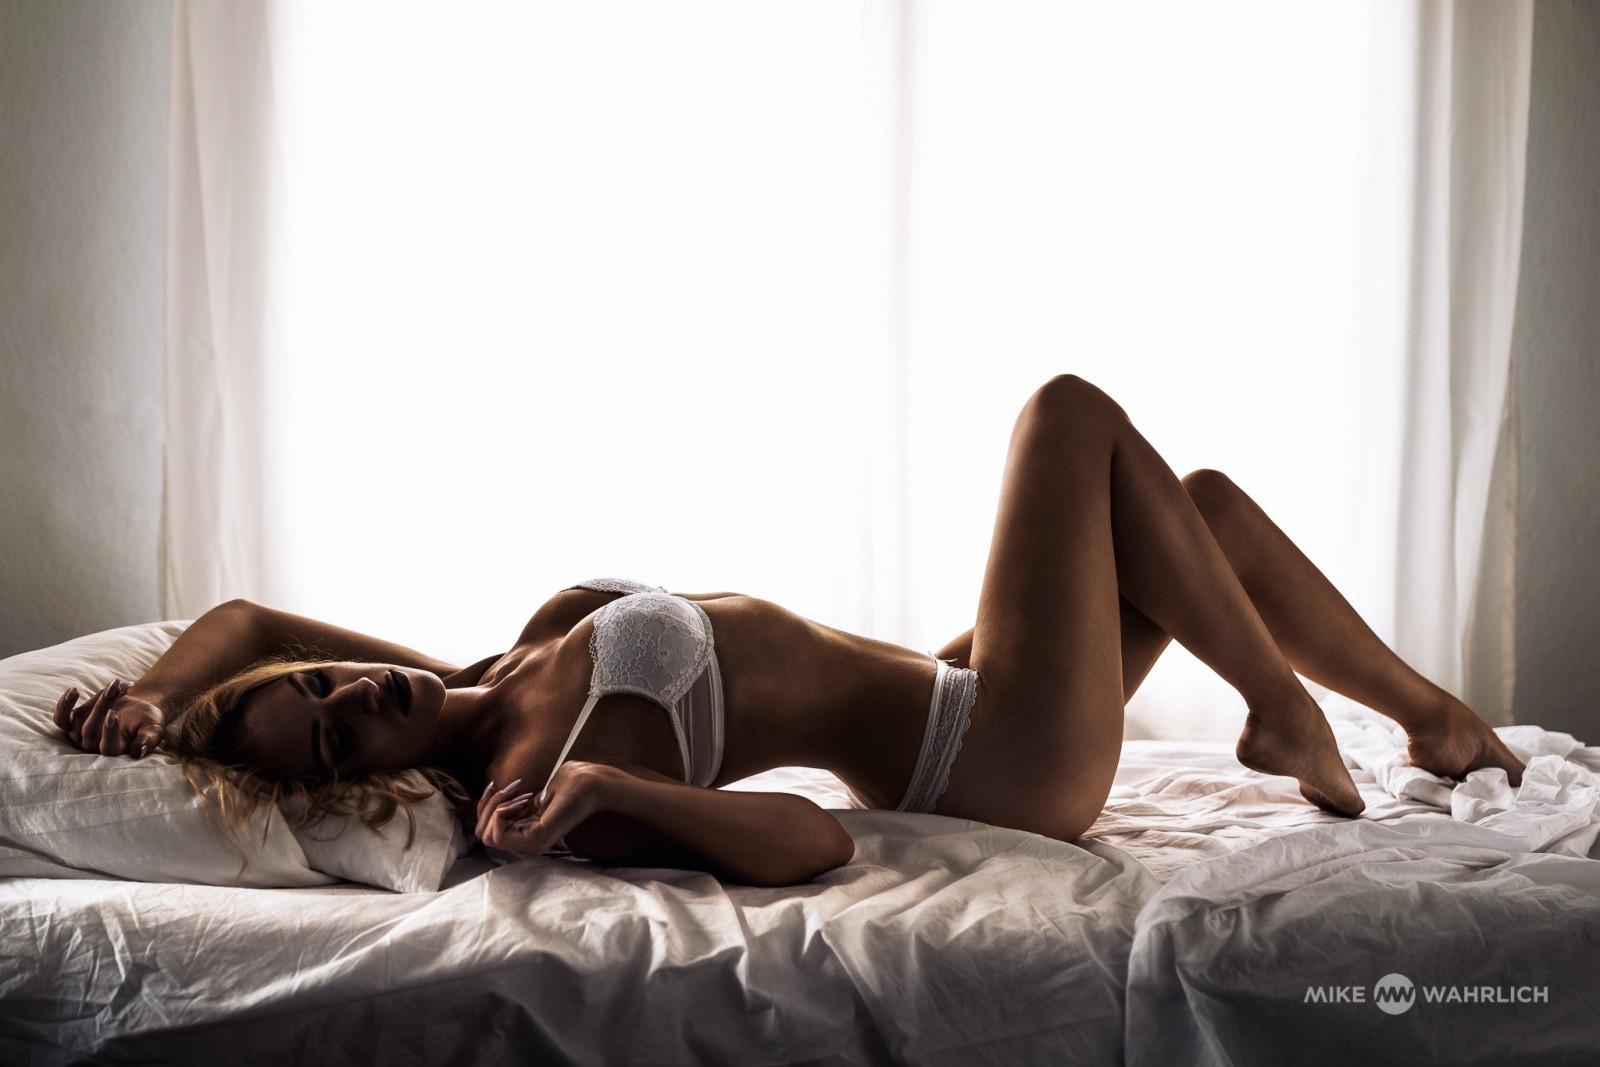 devka-konchaet-lezha-na-boku-porno-ogromnie-naturalnie-grudi